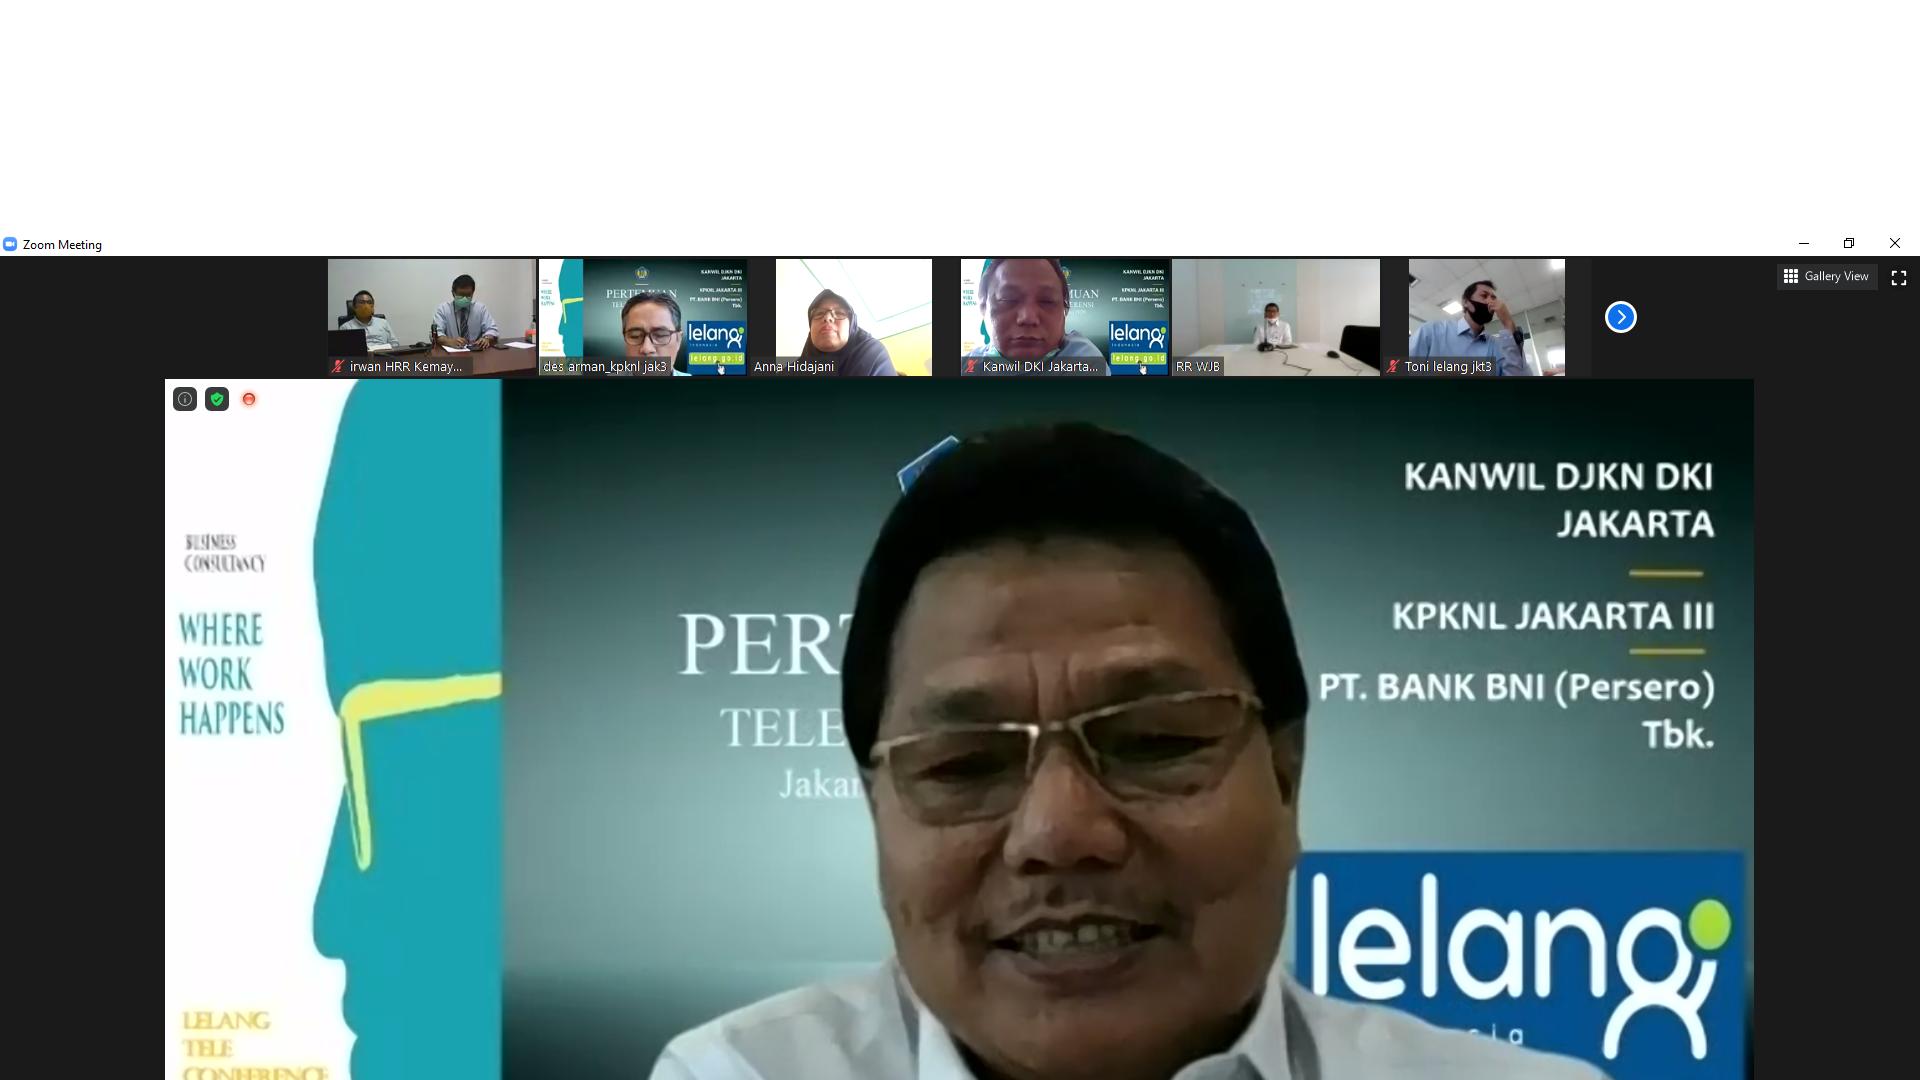 Gandeng Kanwil DJKN DKI Jakarta, KPKNL Jakarta III Bahas Lelang Hak Tanggungan Dengan PT.Bank BNI (Persero) Tbk